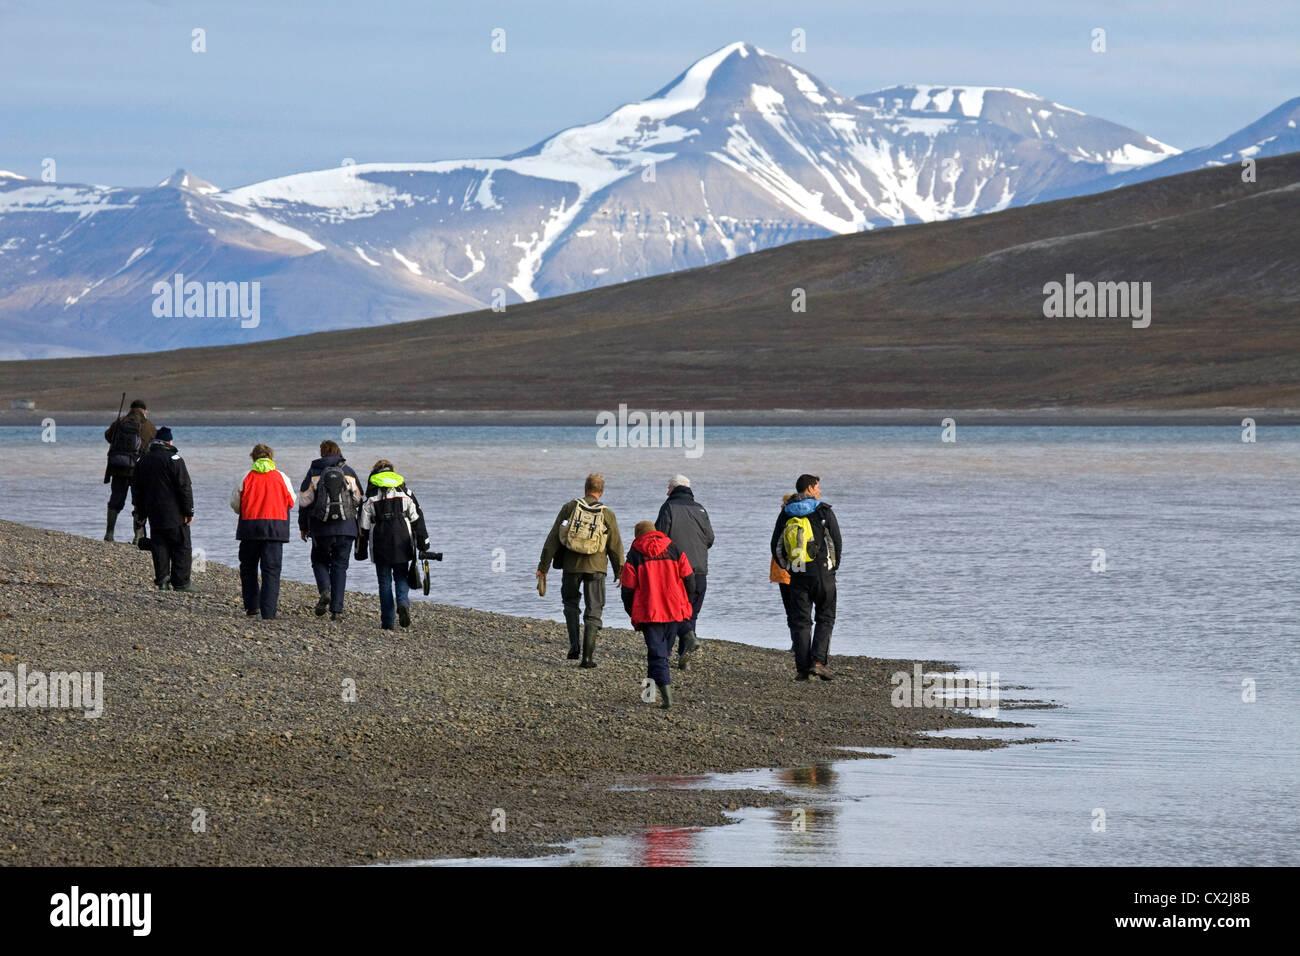 Les touristes walking on beach le long de Tempel Fjord avec guide armé d'un fusil contre les ours polaires Photo Stock